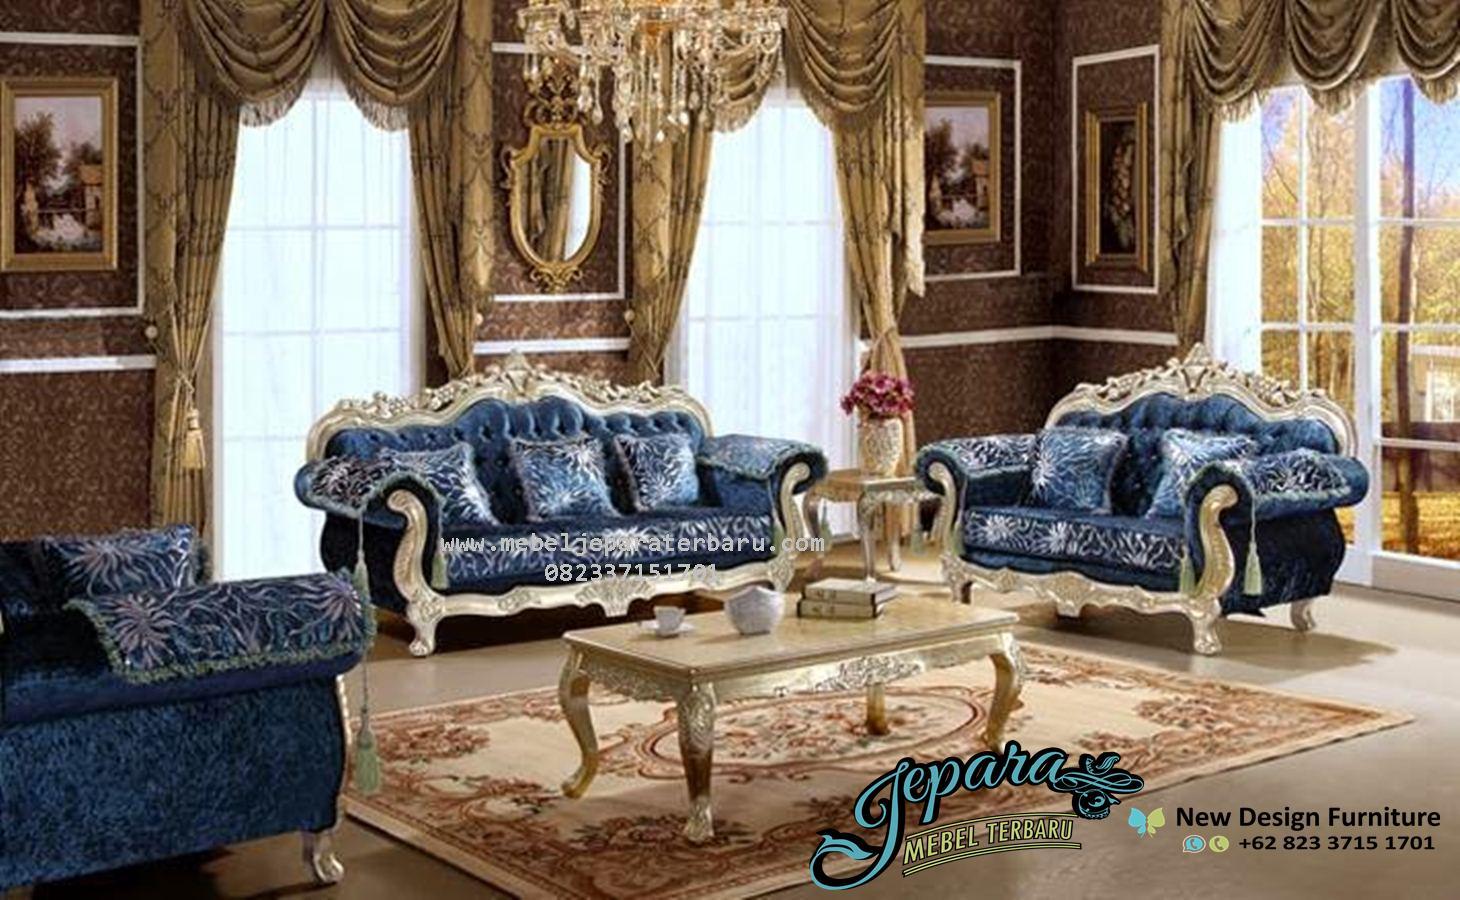 Desain Sofa Ruang Tamu Ukiran Jepara SST-077, Sofa Ruang Tunggu, Sofa Ruang Keluarga Mewah, Sofa Ruang Keluarga Minimalis, Sofa Ruang Keluarga Kecil, Sofa Ruang Keluarga Modern, Model Sofa Ruang Keluarga, Desain Sofa Ruang Keluarga, Harga Sofa Ruang Keluarga, Model Sofa Ruang Keluarga Minimalis, Kursi Sofa Ruang Keluarga, Sofa Ruang Keluarga, Sofa Ruang Tamu, Sofa Minimalis, Sofa Bed, Sofa Bed Inoac, Sofa Ruang Tamu Minimalis, Sofa Bed Murah Dibawah 1 Juta, Sofa Minimalis Terbaru, Sofa Murah, Sofa Minimalis Untuk Ruang Tamu Kecil, Sofa Ruang Tamu Mugil, Sofa Ruang Tv, Sofa Ruang Tamu Kecil, Mebel Jepara Terbaru, Sofa Ruang Tamu Mewah, Sofa Ruang Tamu Modern, Sofa Ruang Tamu Terbaru